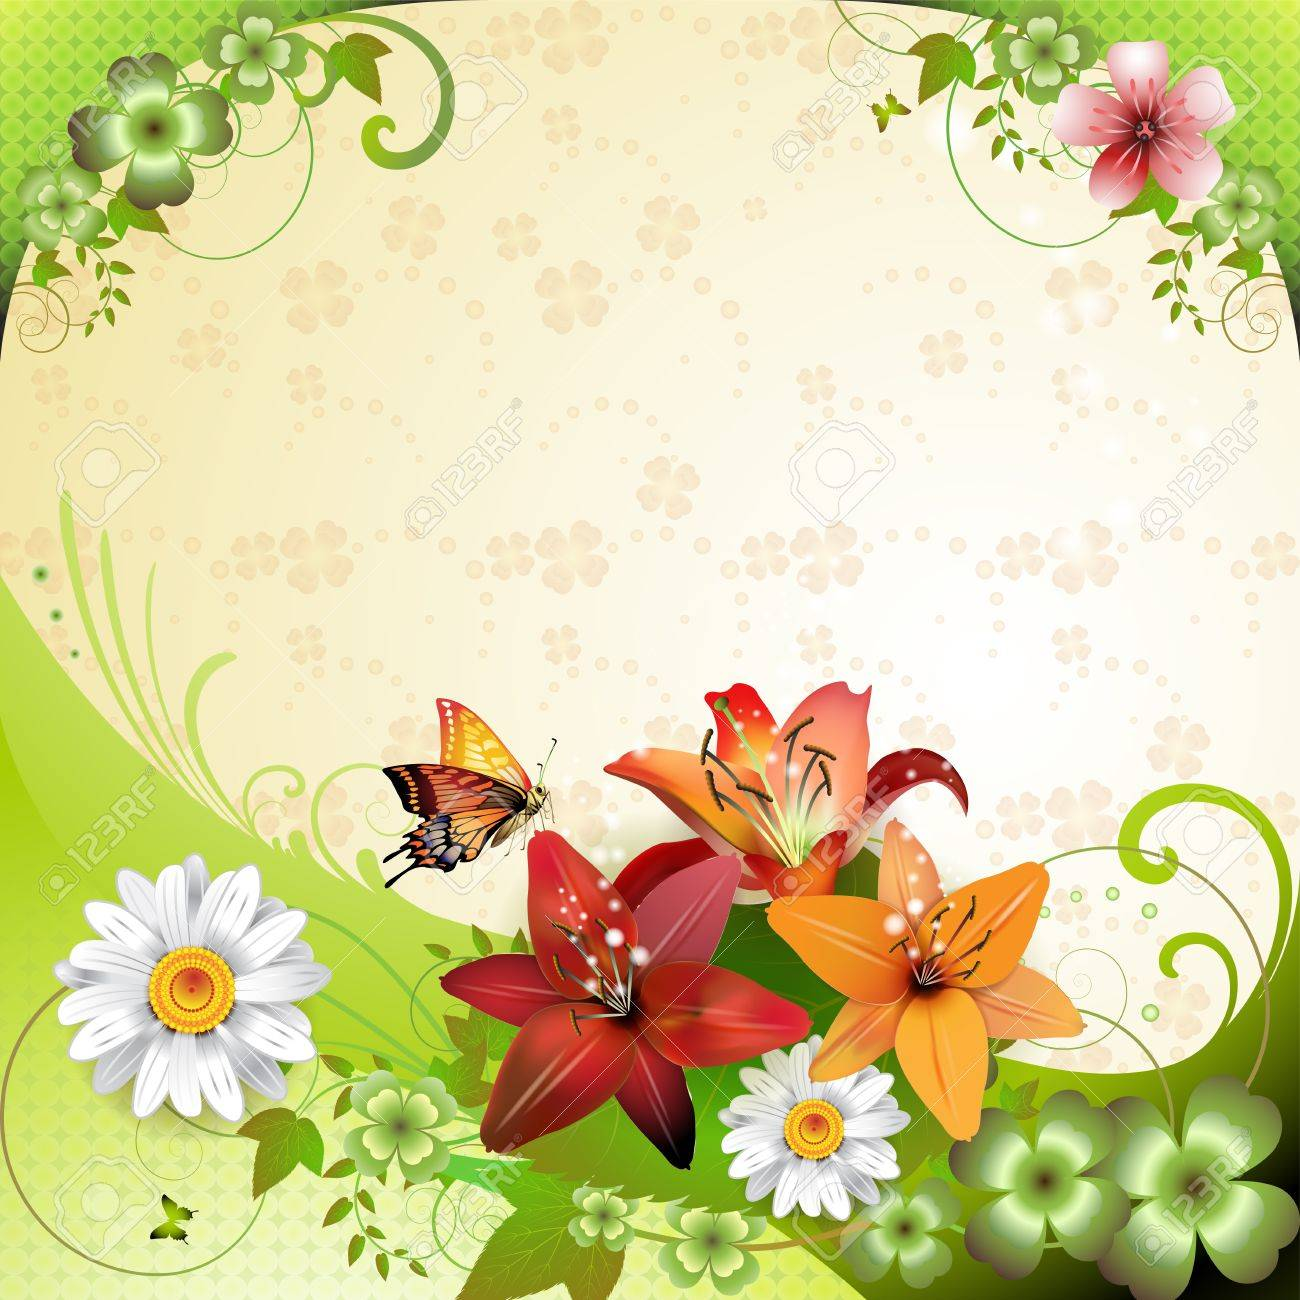 Primavera de fondo con flores y mariposas Foto de archivo - 12071234